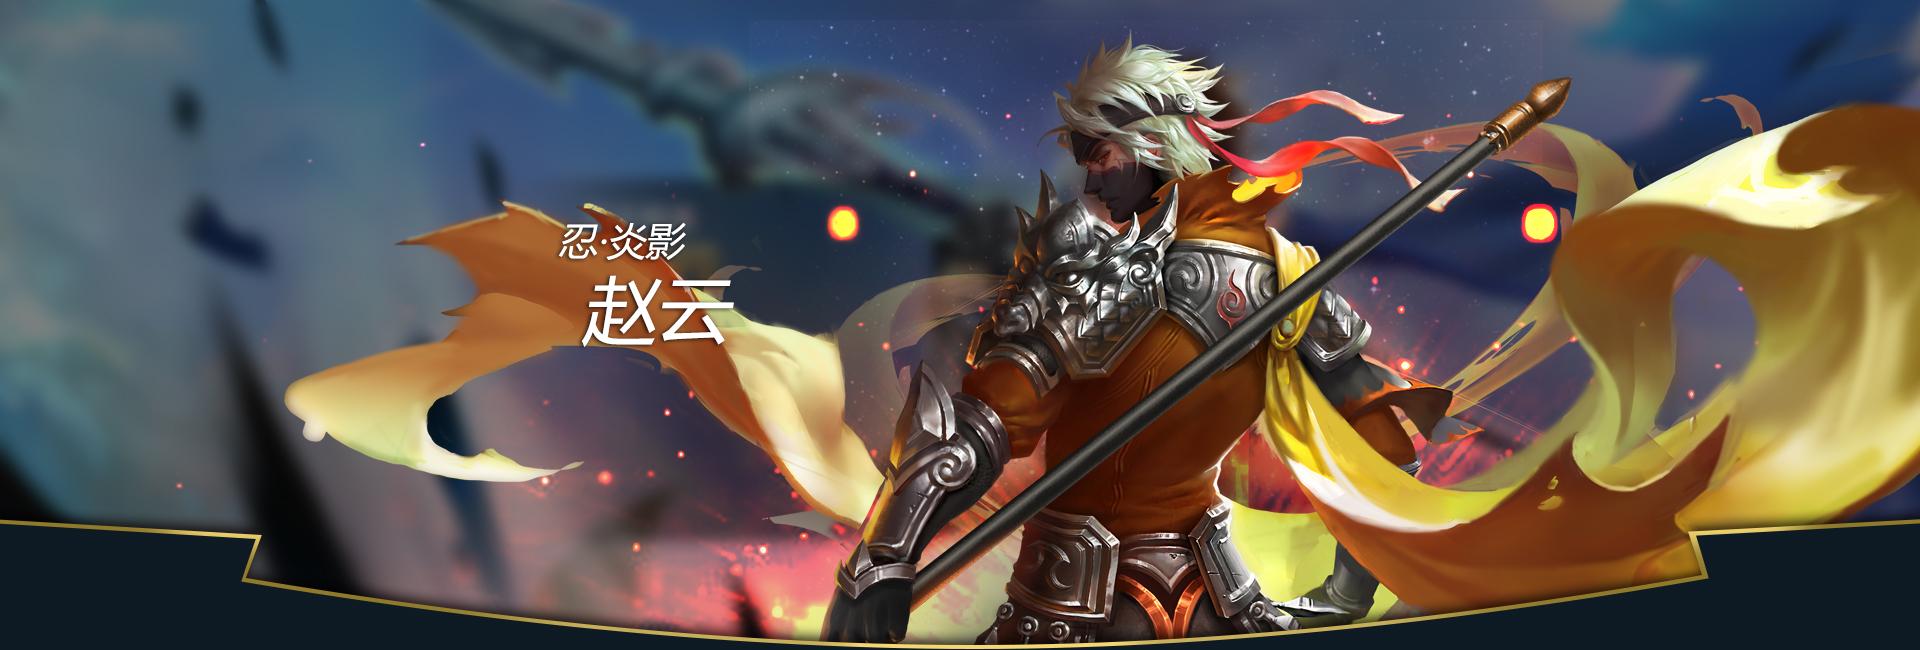 第2弹《王者荣耀英雄皮肤CG》竞技游戏52